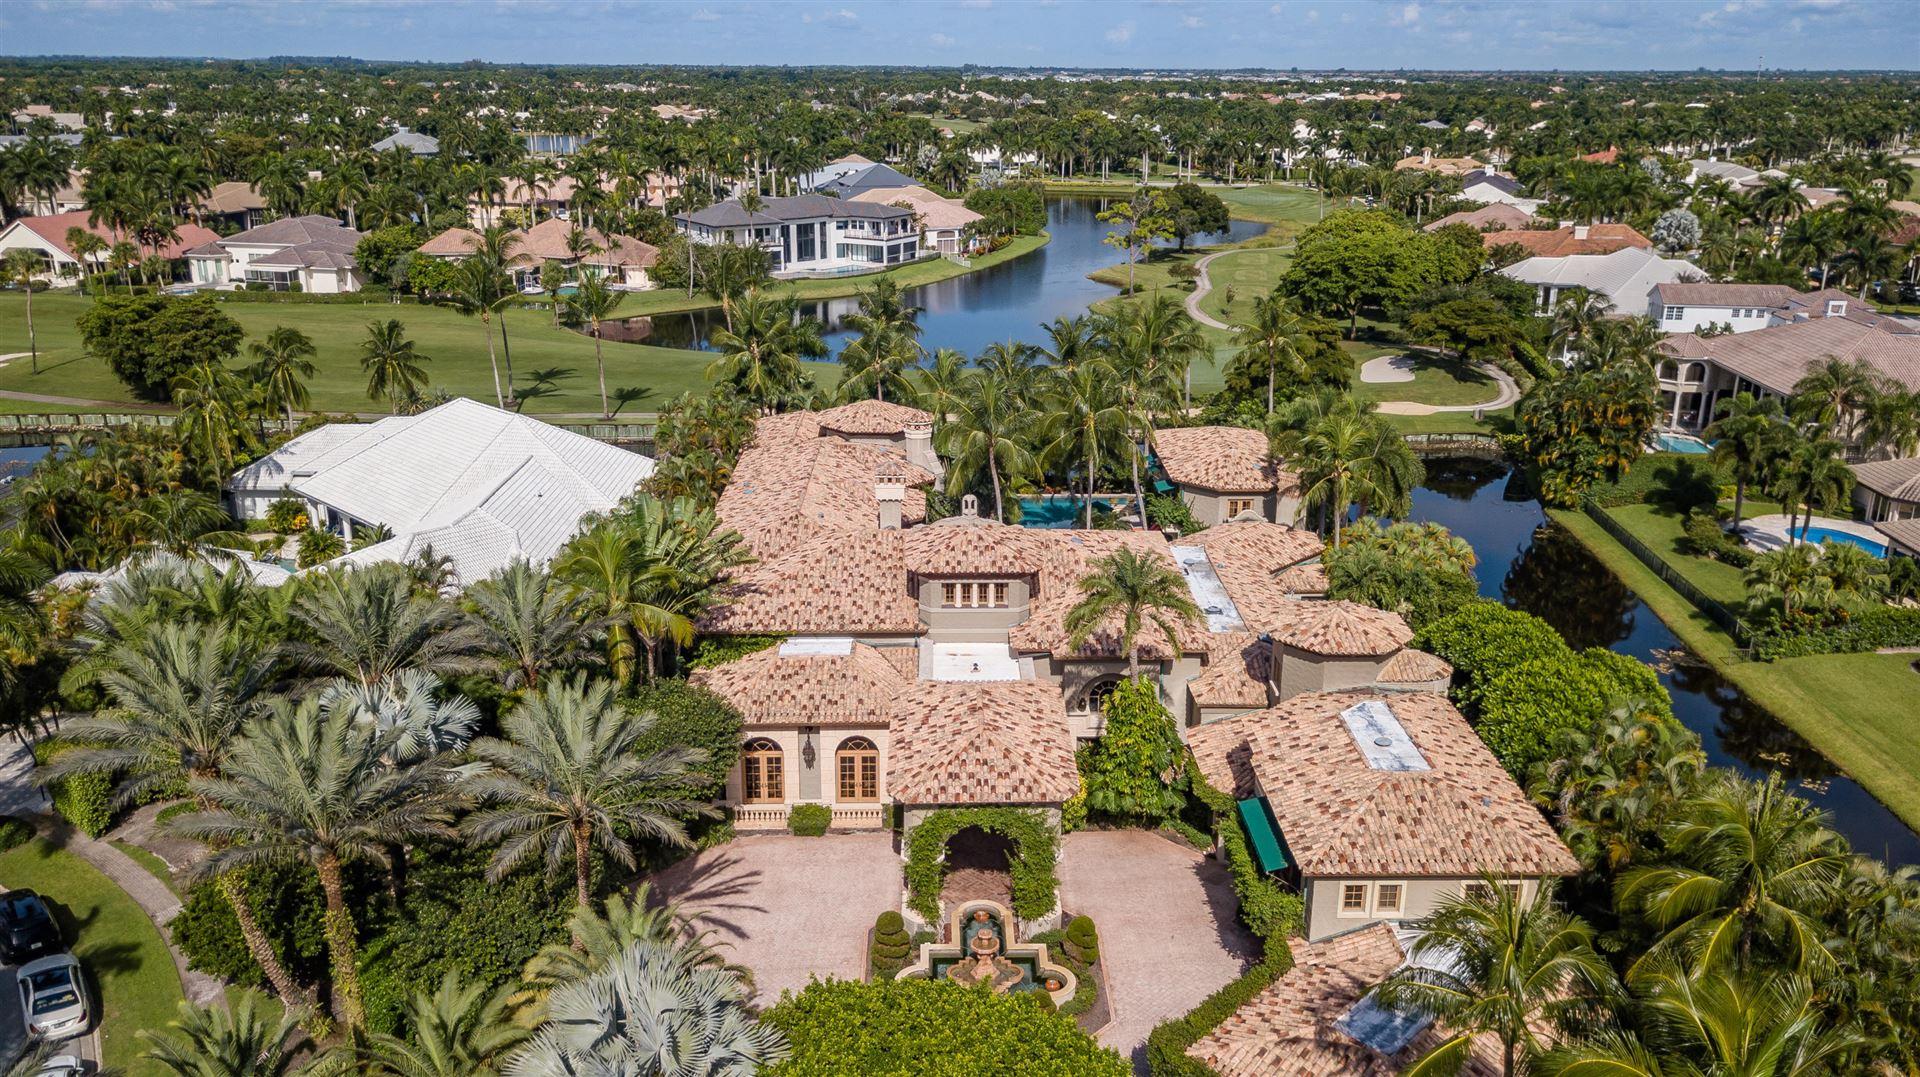 17591 Lake Estates Drive, Boca Raton, FL 33496 - MLS#: RX-10655633